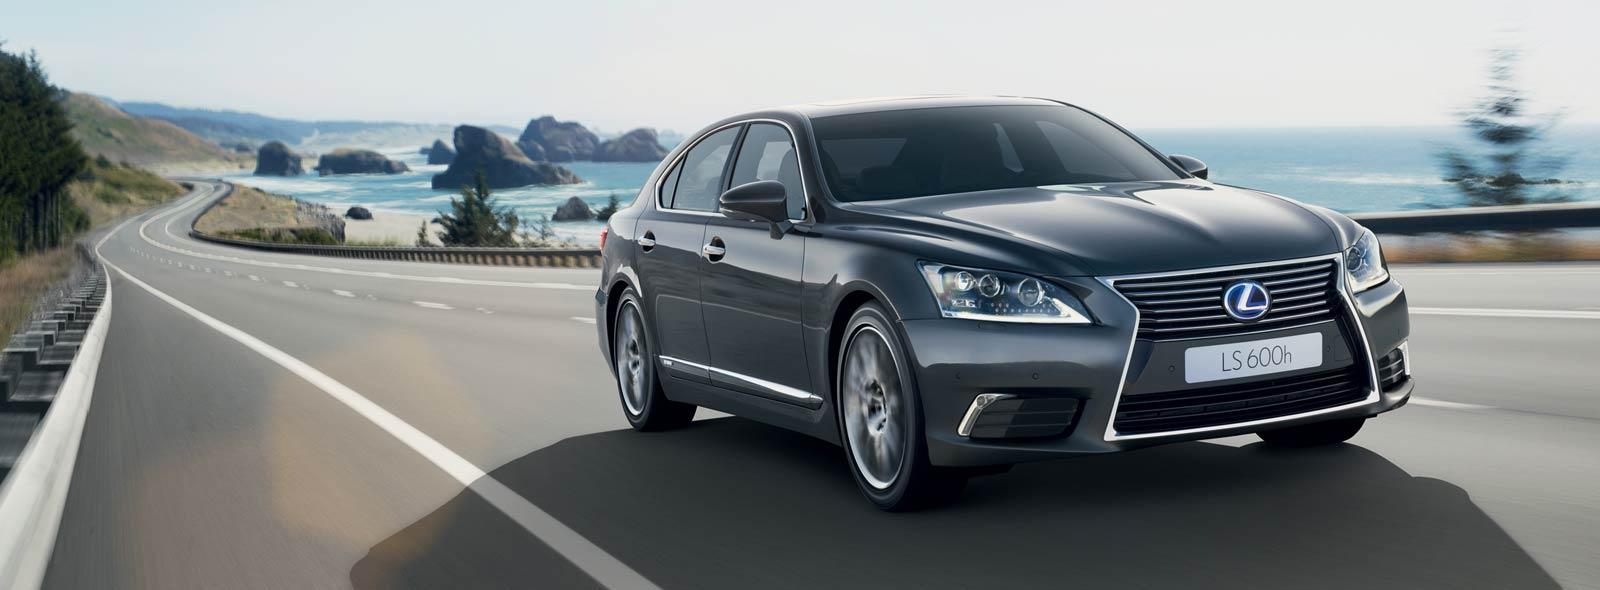 harmaa Lexus LS 600h Hybrid